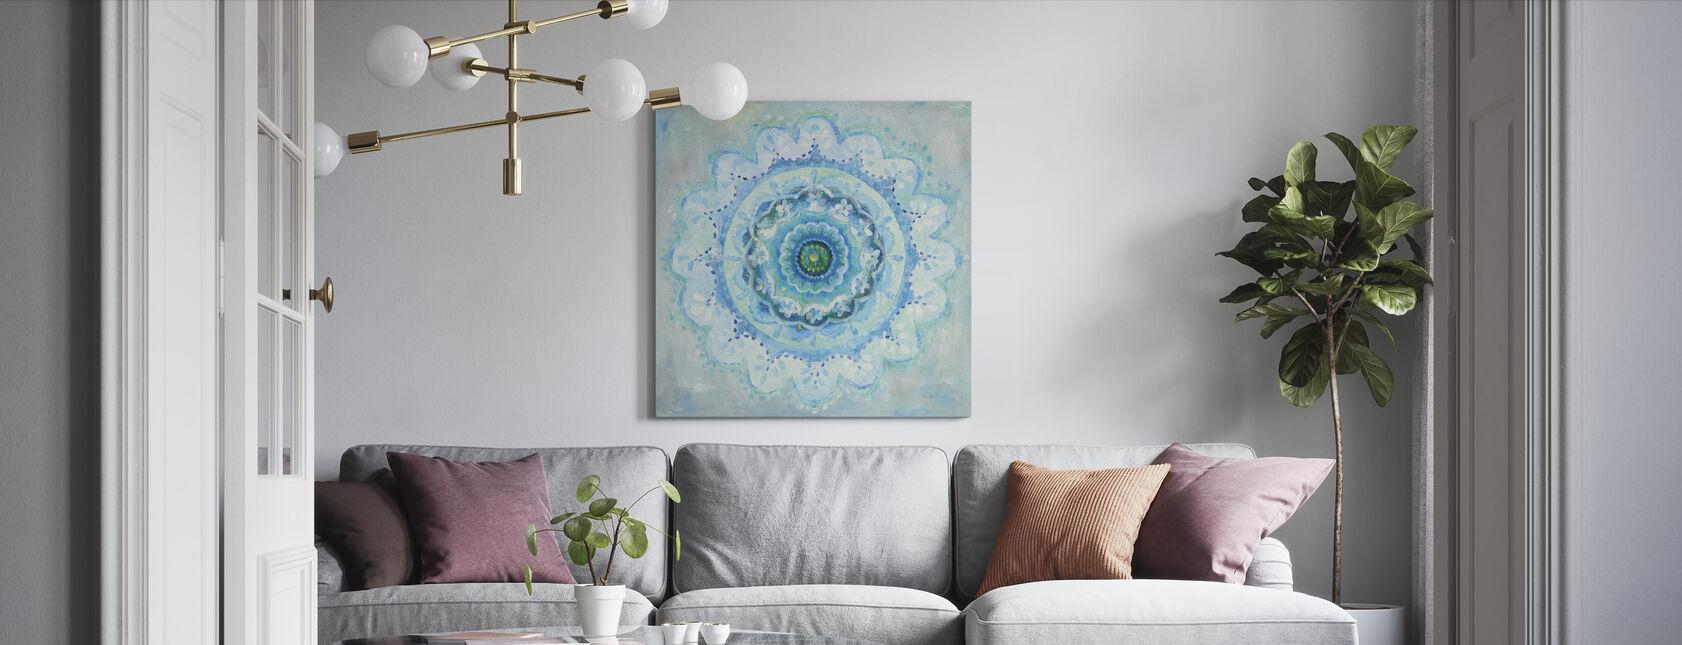 Przybrzeżna Mandala - Obraz na płótnie - Pokój dzienny